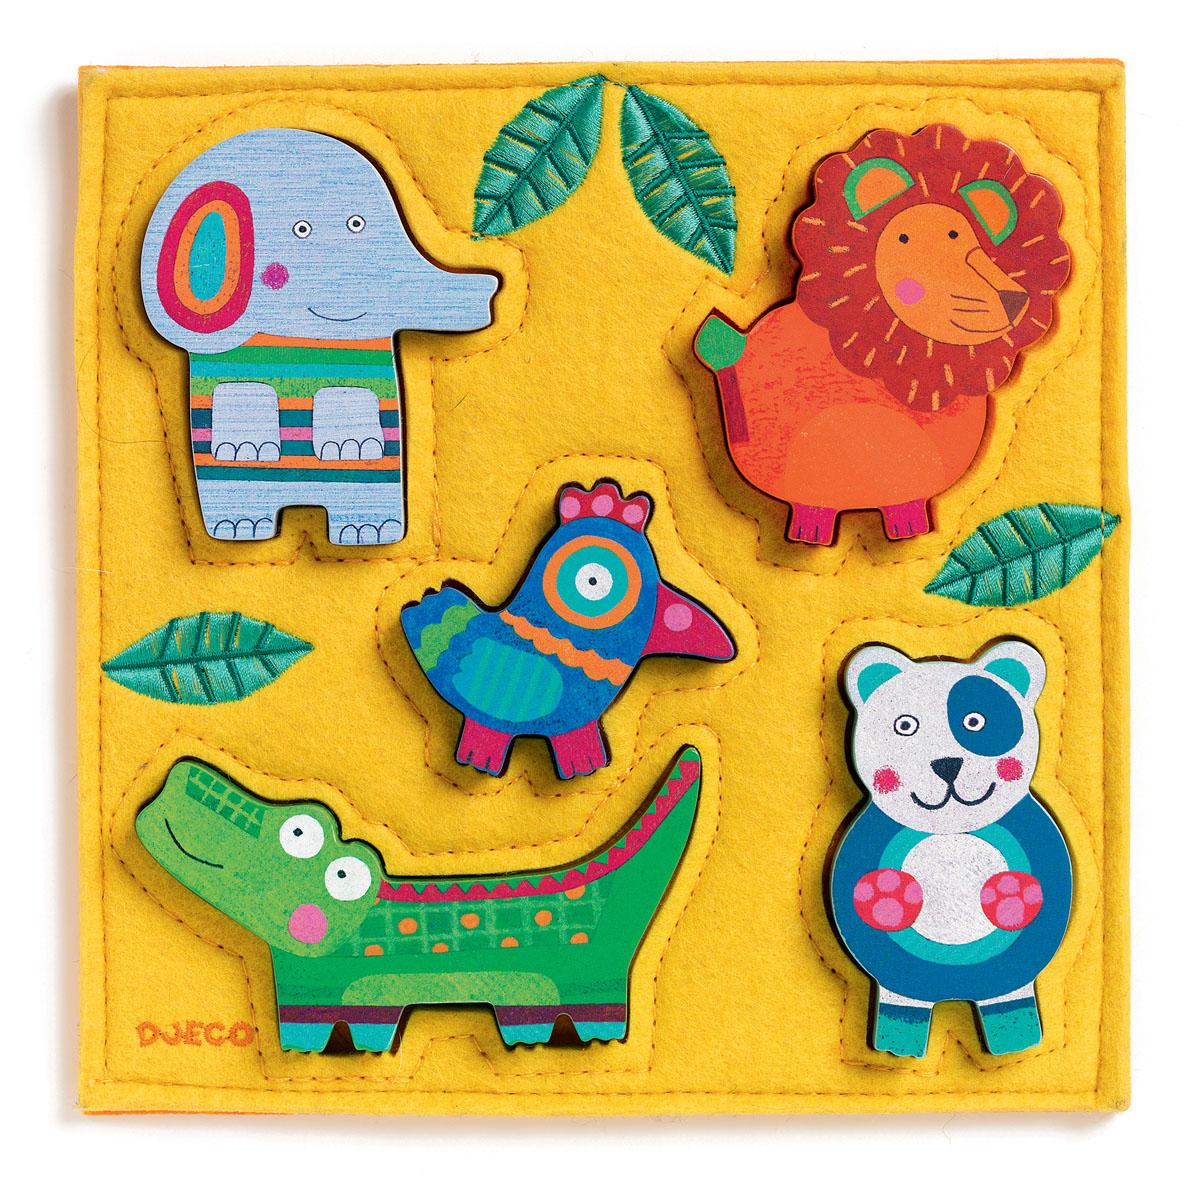 Djeco Пазл для малышей Джунга01041Деревянный пазл Джунга от французского производителя игрушек Djeco – яркая красочная развивающая игрушка для малышей от 1 года. Пазл представляет собой поле из текстиля яркого оранжевого цвета размером 21 х 21 см. На поле находятся 5 забавных фигурок из дерева, которые малыш должен вставить в специальные отверстия. Слоненок, лев, птичка, крокодил и панда обязательно понравятся малышу, и он будет играть с ними снова и снова. Набор прекрасно развивает логику ребенка и тренирует моторику маленьких пальчиков, разные текстуры материалов развивают тактильные ощущения. Игра учит малыша внимательности и усидчивости. Набор продается в красивой коробке и идеально подходит для подарка.